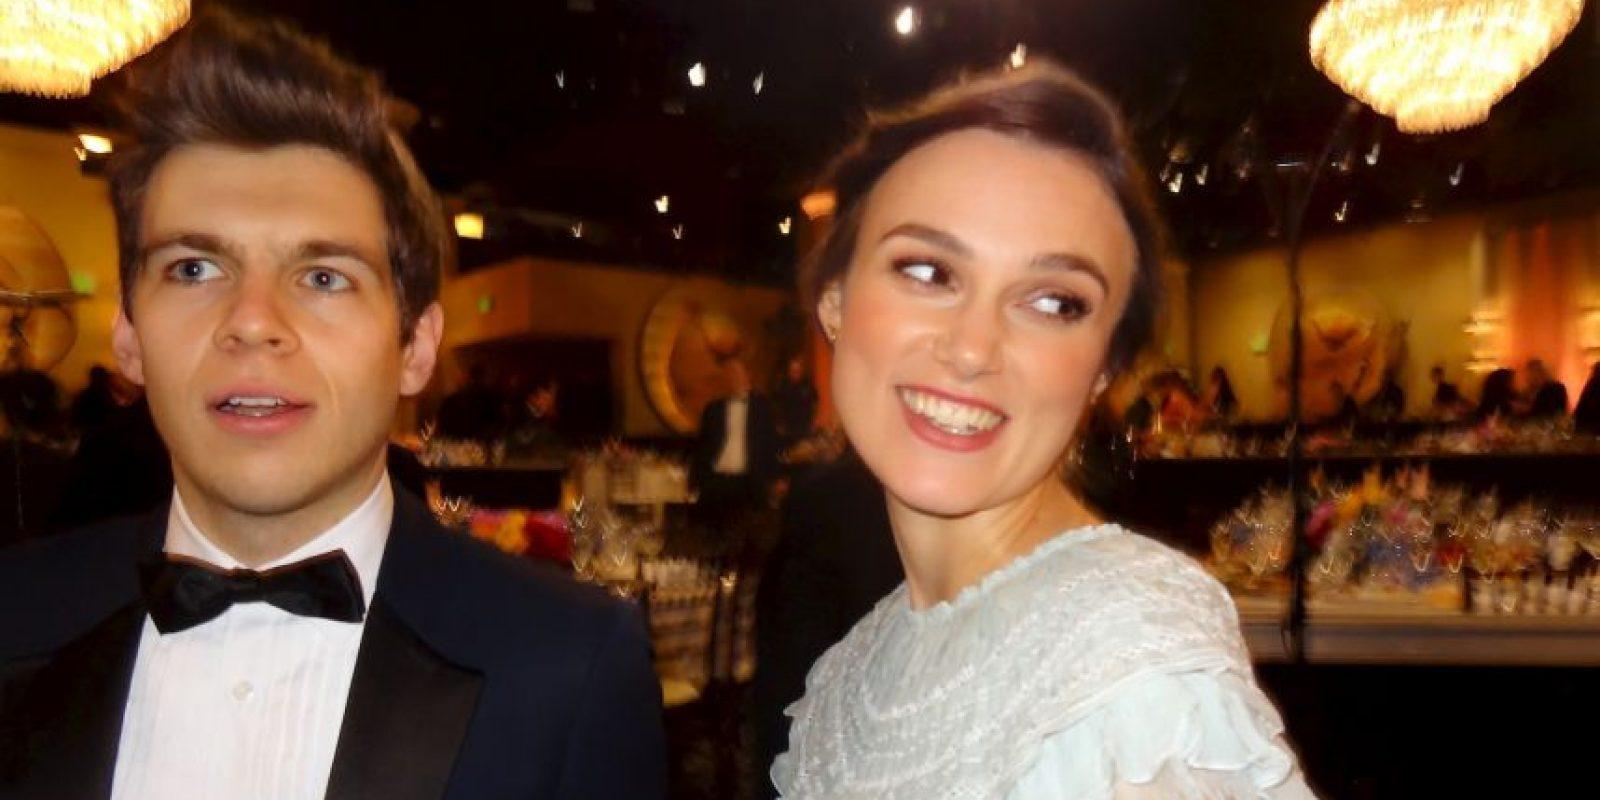 Kiera Knightley feliz de la mano de su marido el musico James Righton nos conto que esperan a su primer hijo. Foto:J. Melnick desde Los Ángeles para Metro